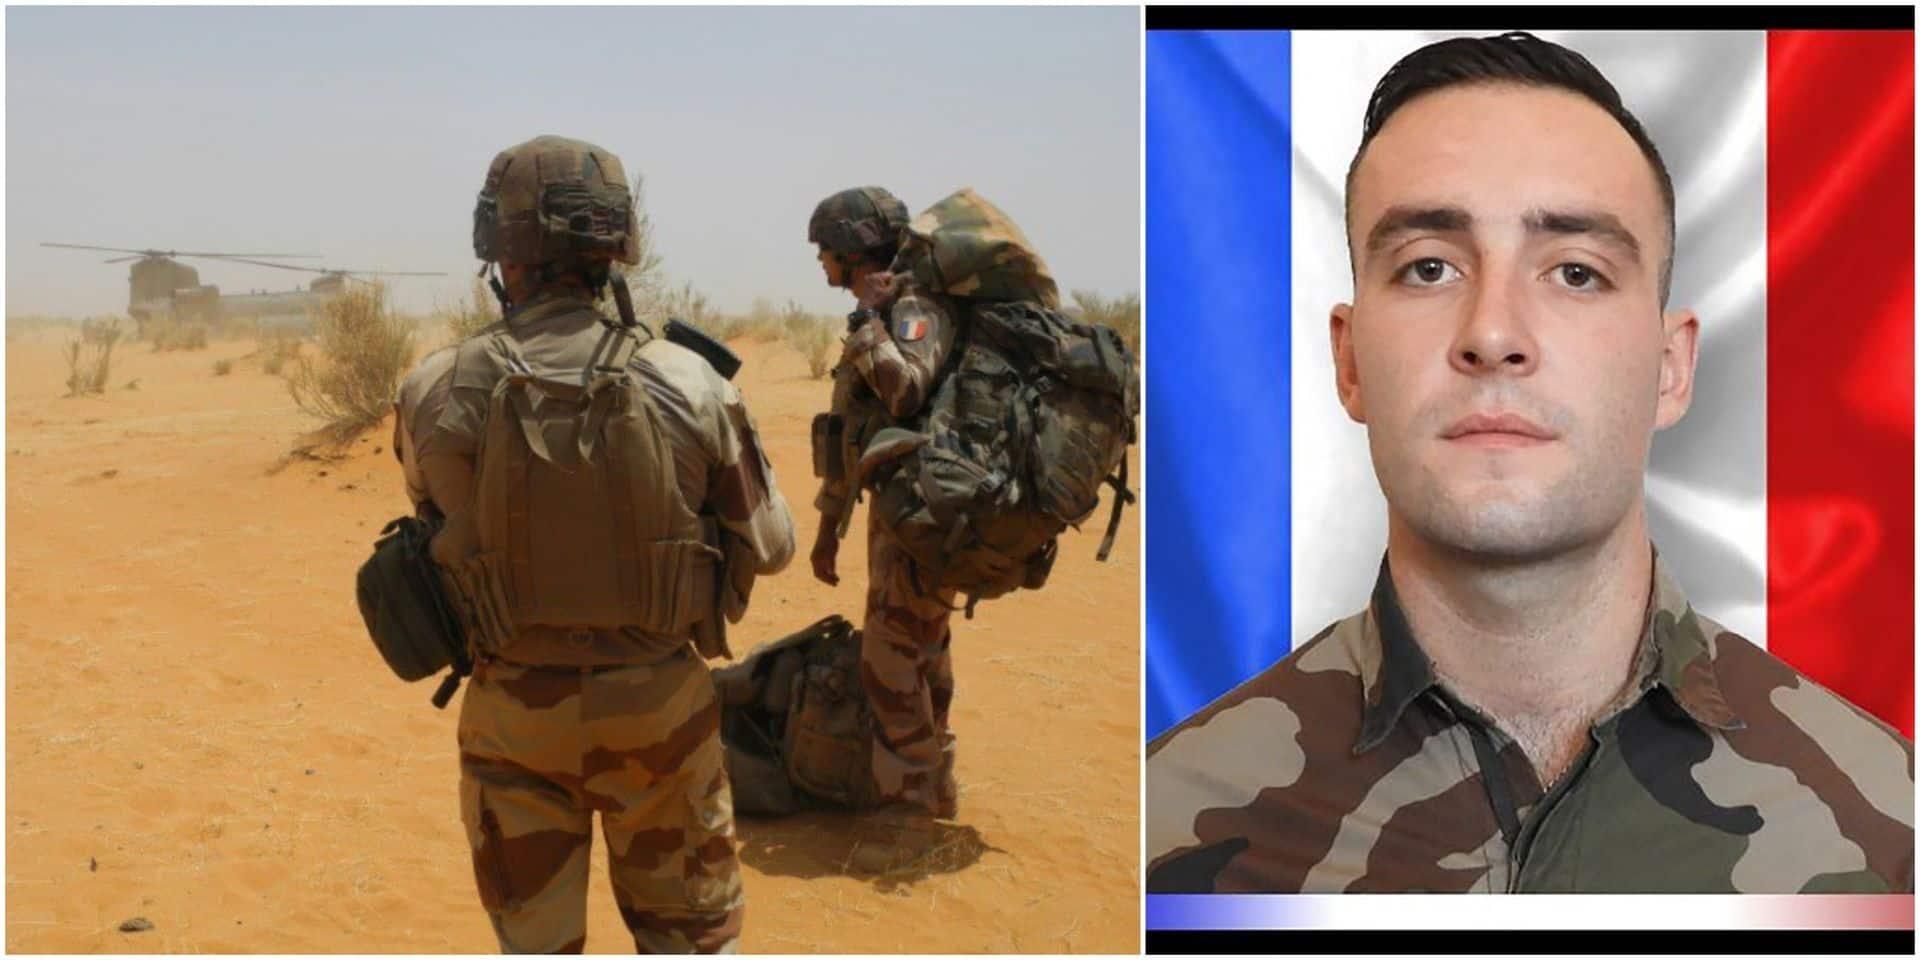 Mali: le groupe EI revendique l'attaque qui a tué vendredi 49 soldats maliens, un soldat français tué samedi